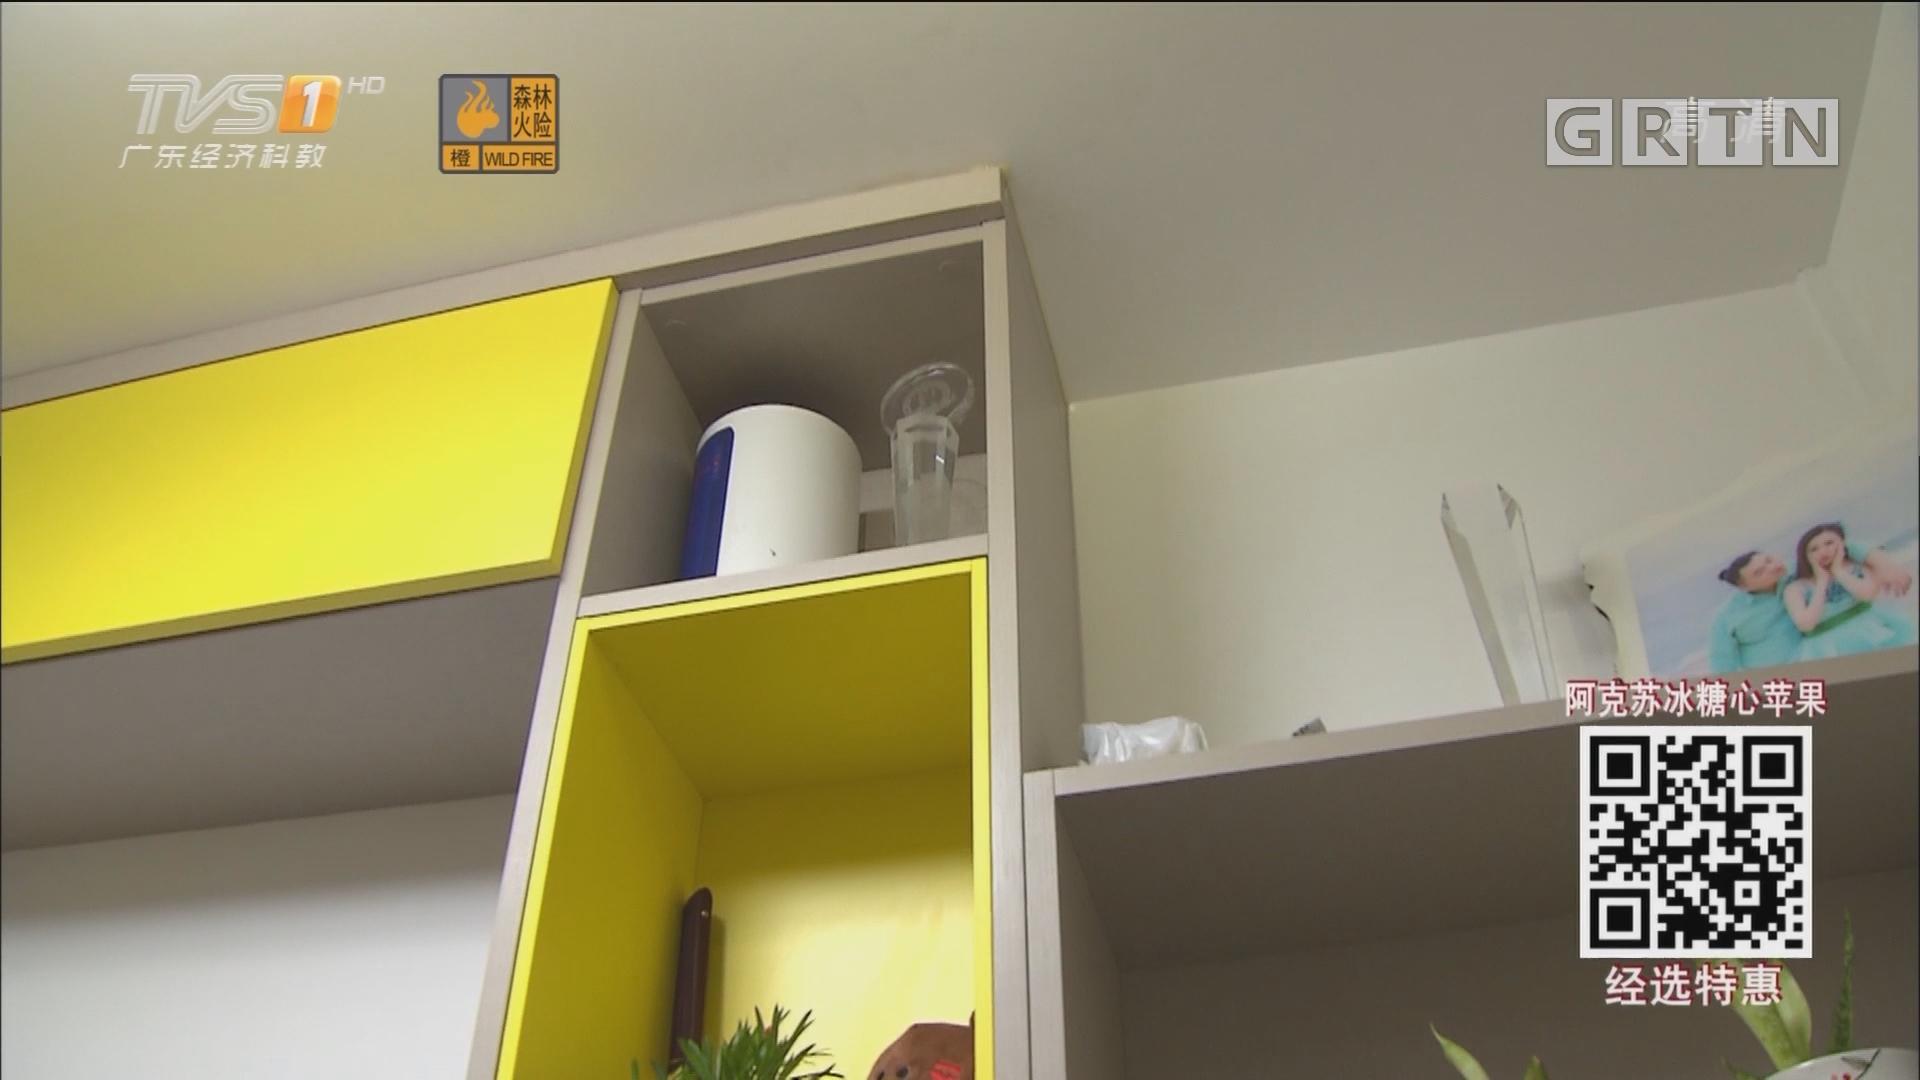 消费者投诉:乱用玻璃胶 修书柜把墙体都染黄